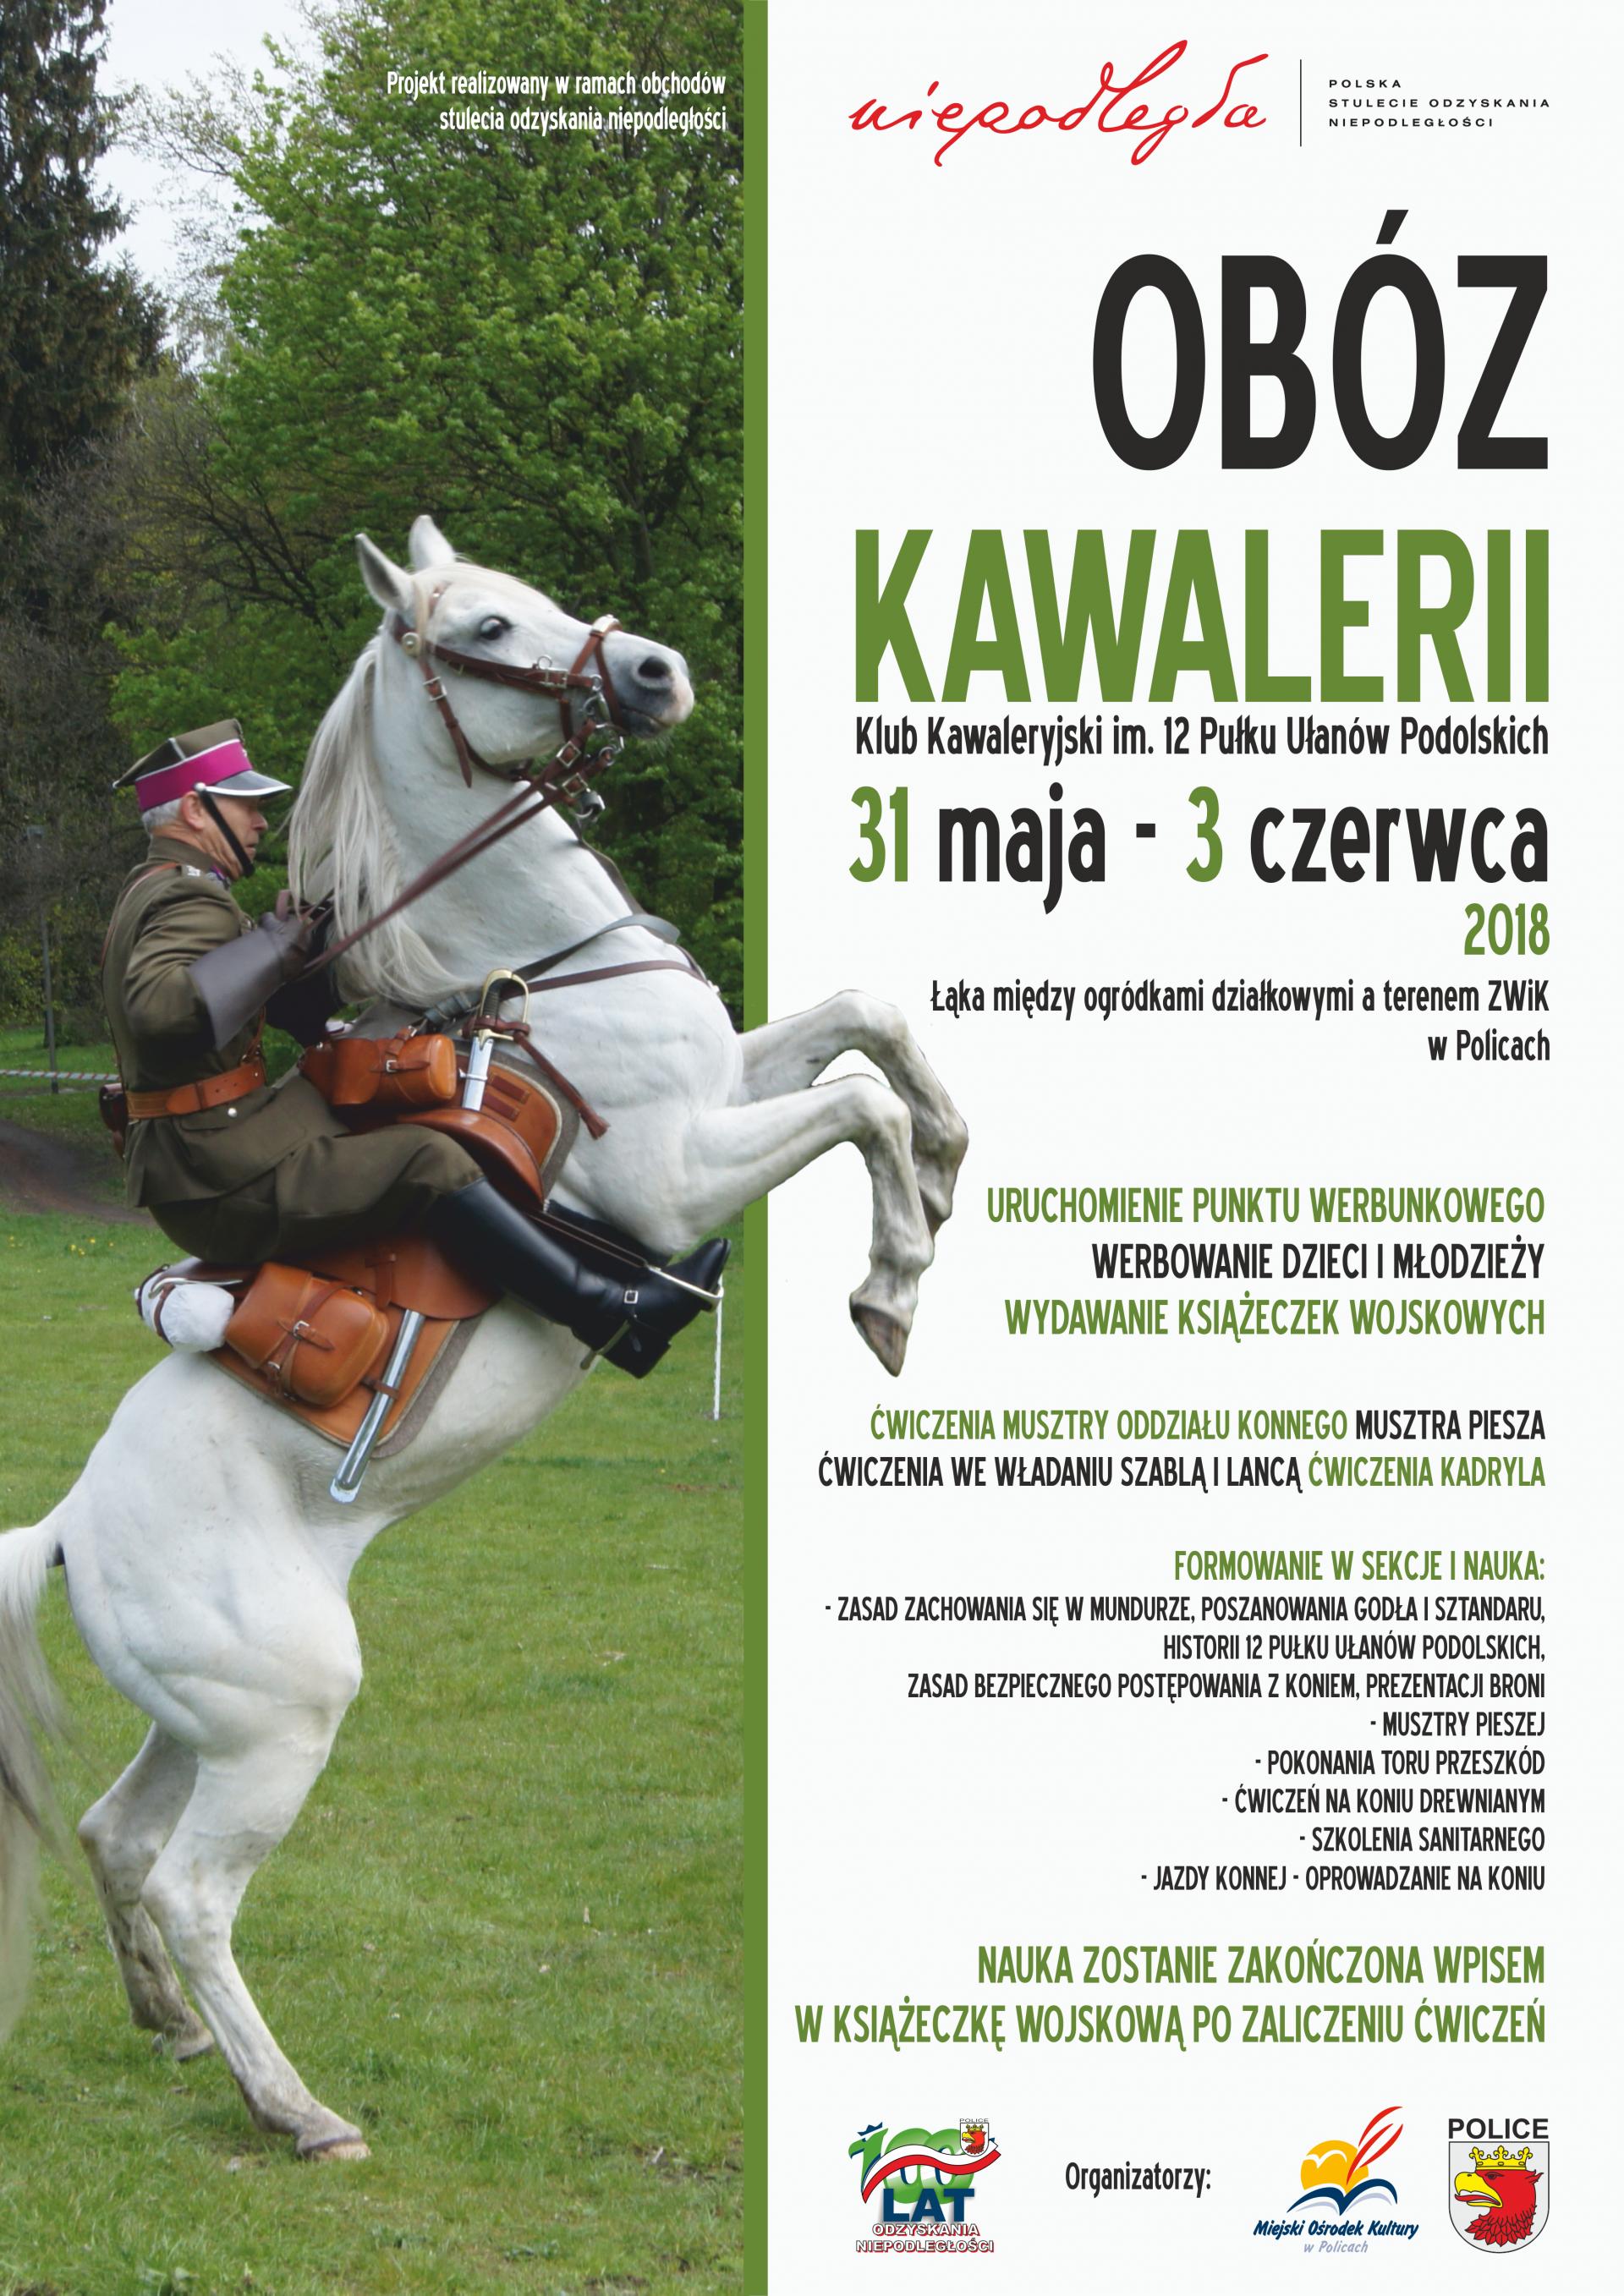 Rekonstrukcja polskiego obozu kawalerii w Policach - Klub Kawaleryjski im. XII PUP